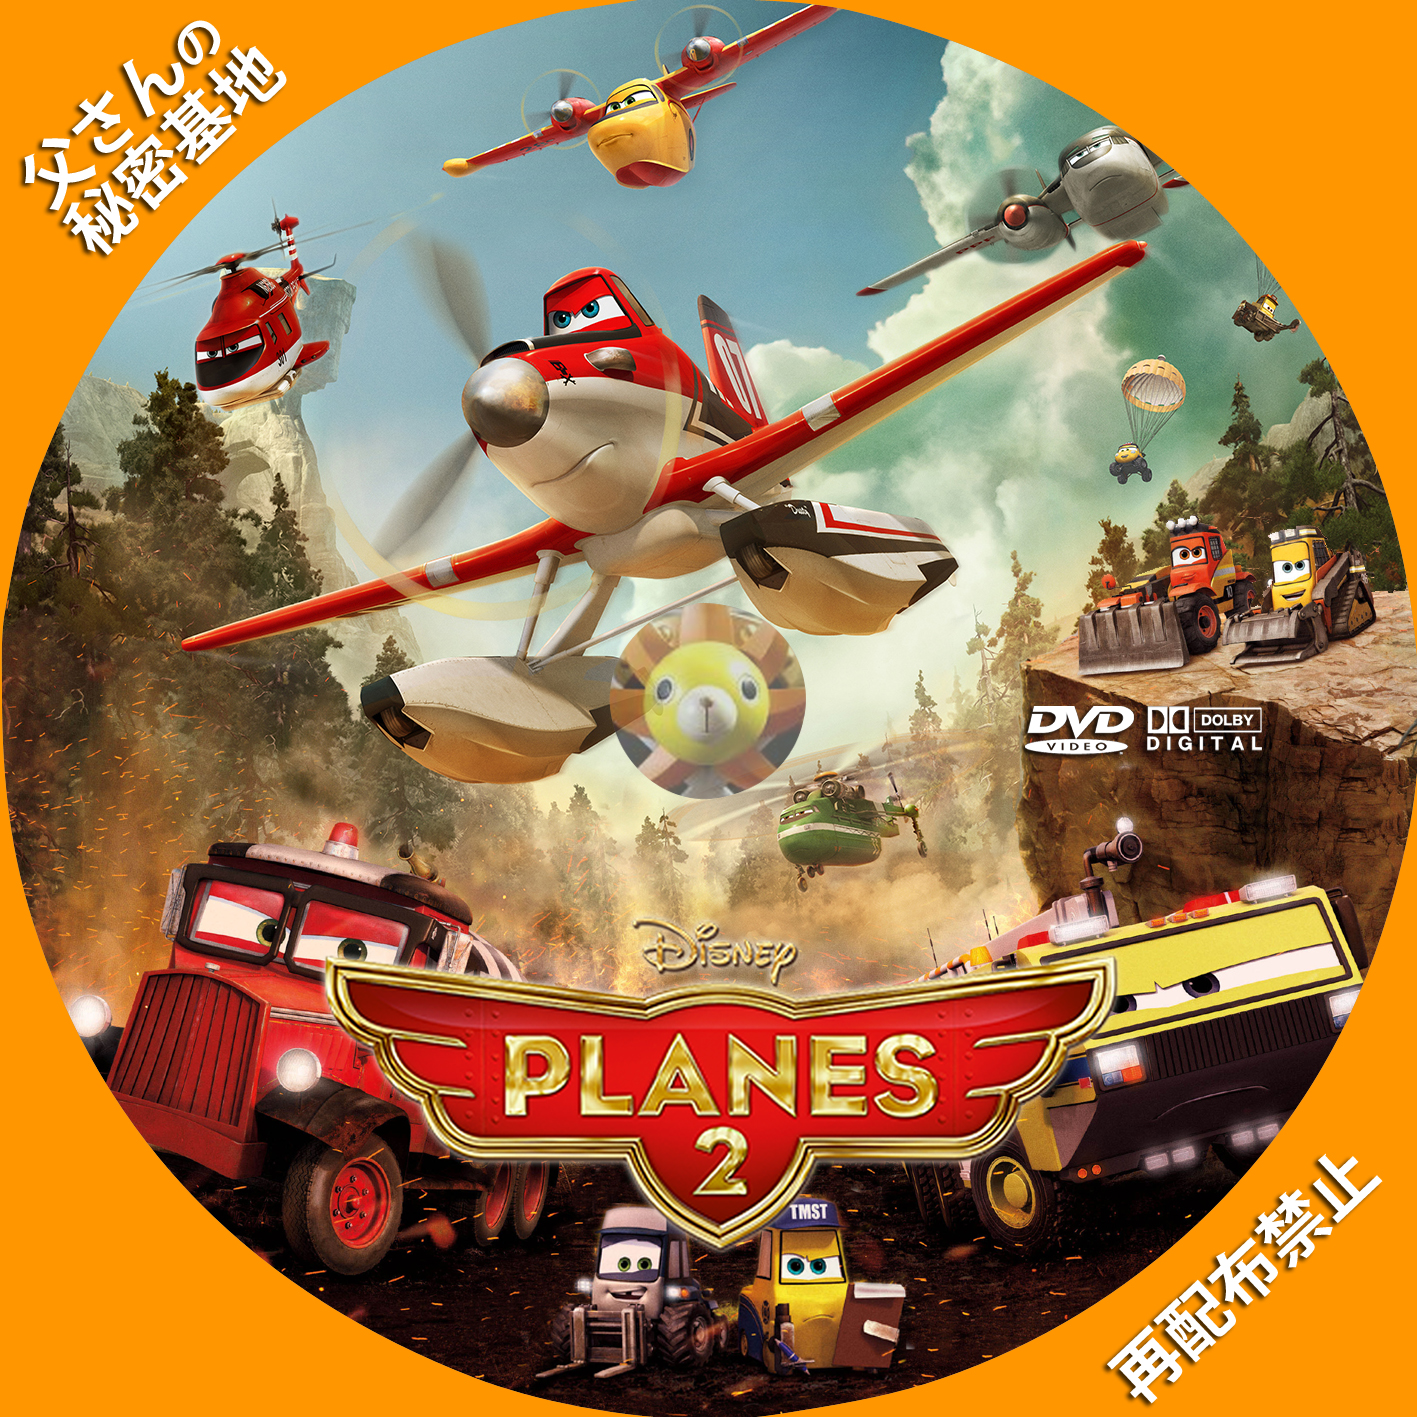 planes2_DVD.jpg